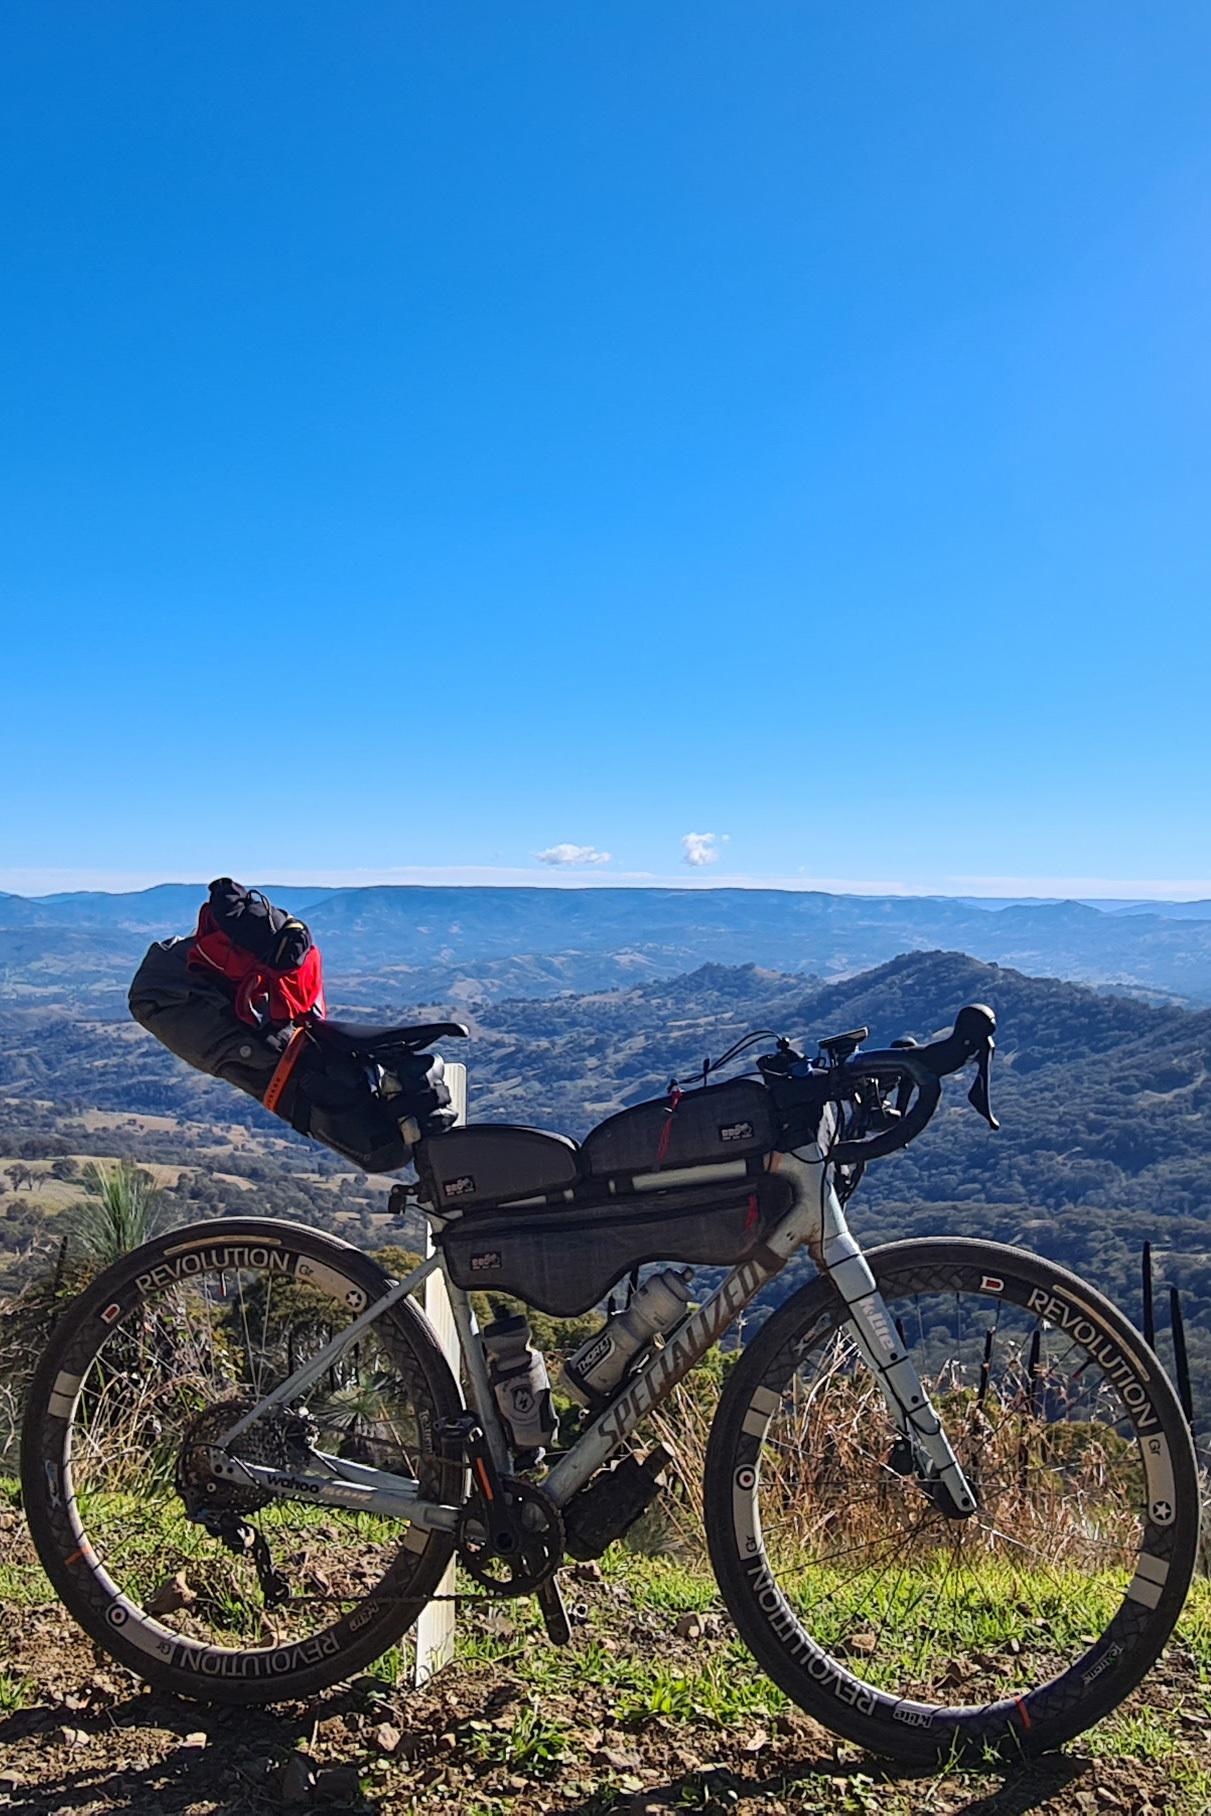 Bikepacking bags made in Australia by BikeBagDude